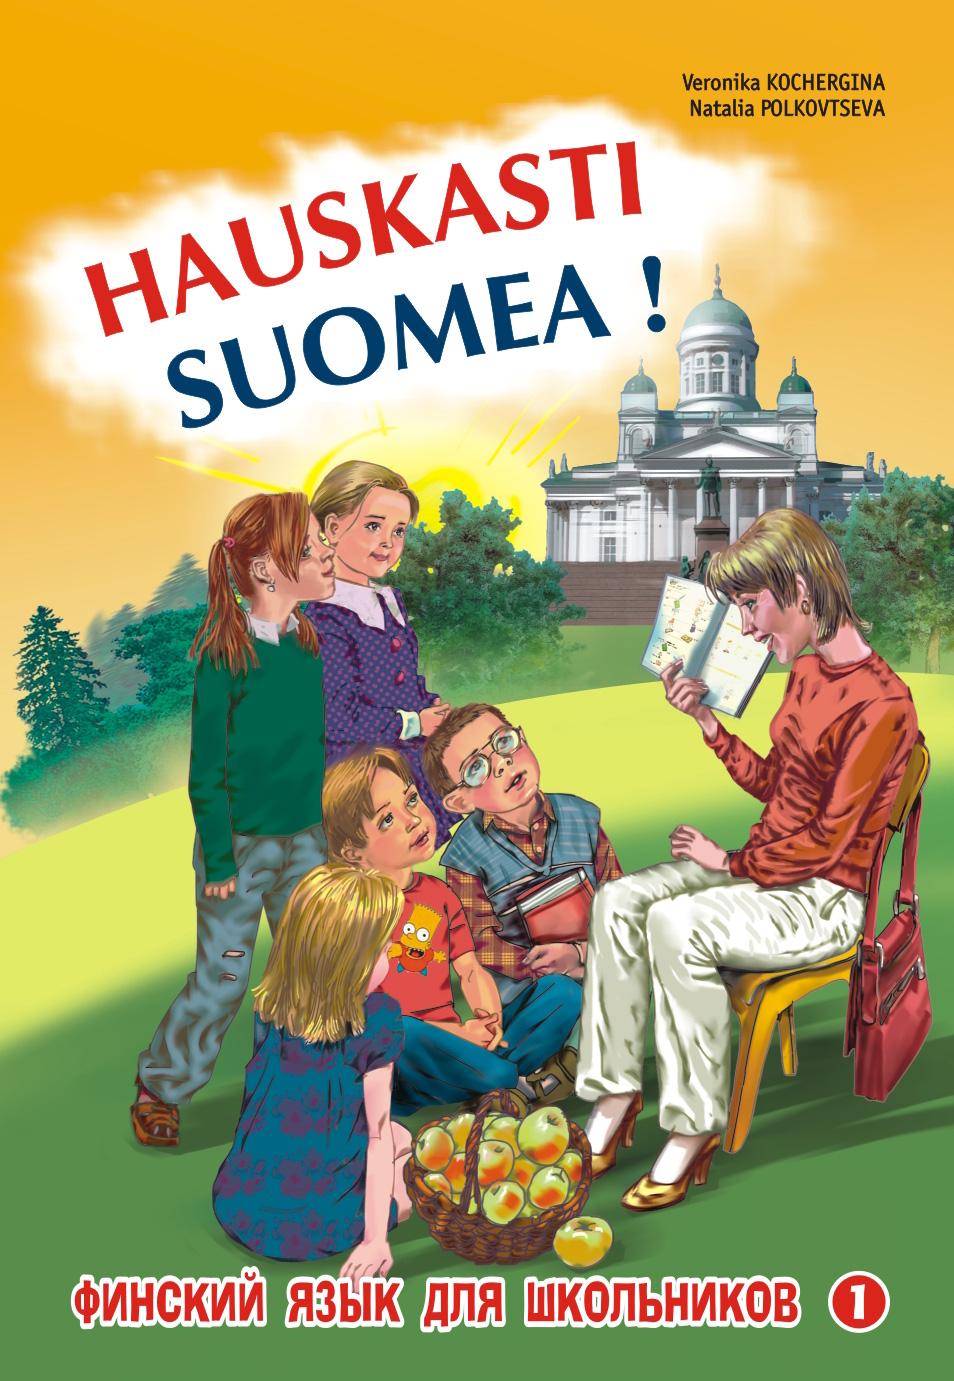 В. К. Кочергина Финский – это здорово! Финский язык для школьников. Книга 1 кочергина в к финский это здорово финский язык для школьников книга 1 hauskasti suomea